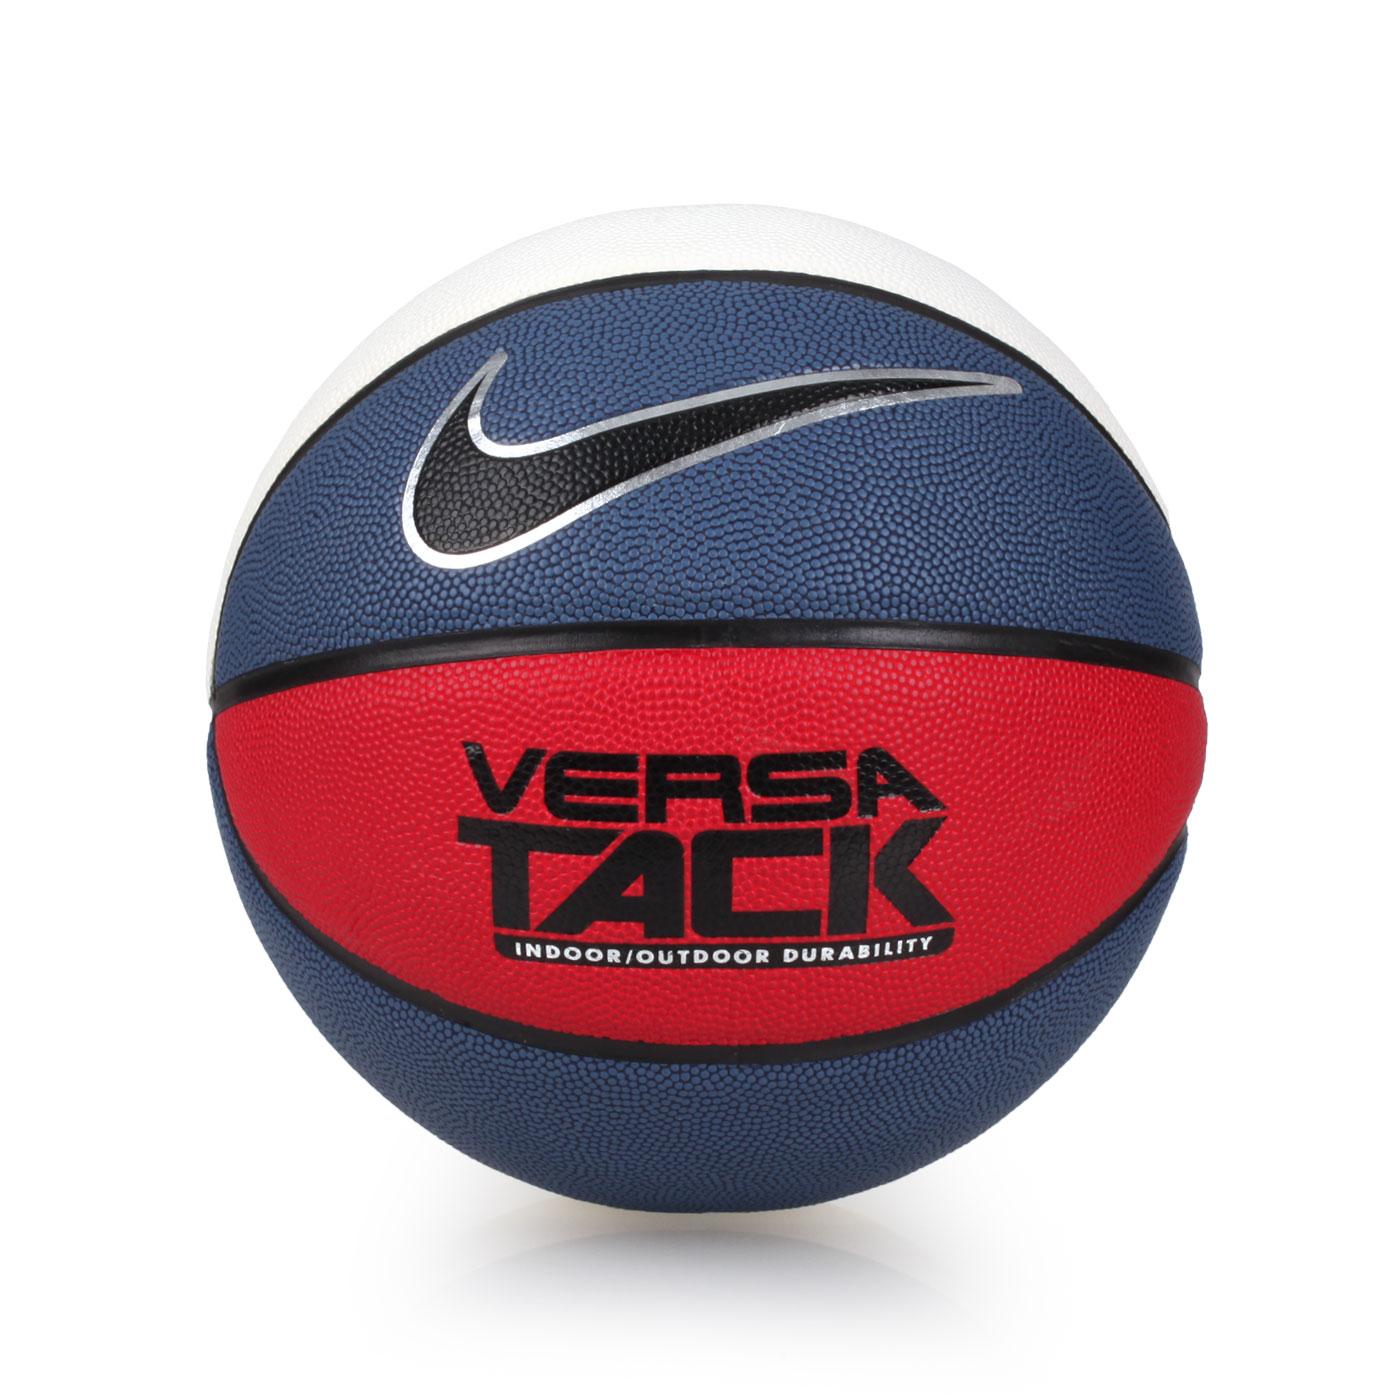 NIKE VERSA TACK 8P 7號籃球 NKI0146307 - 藍紅白